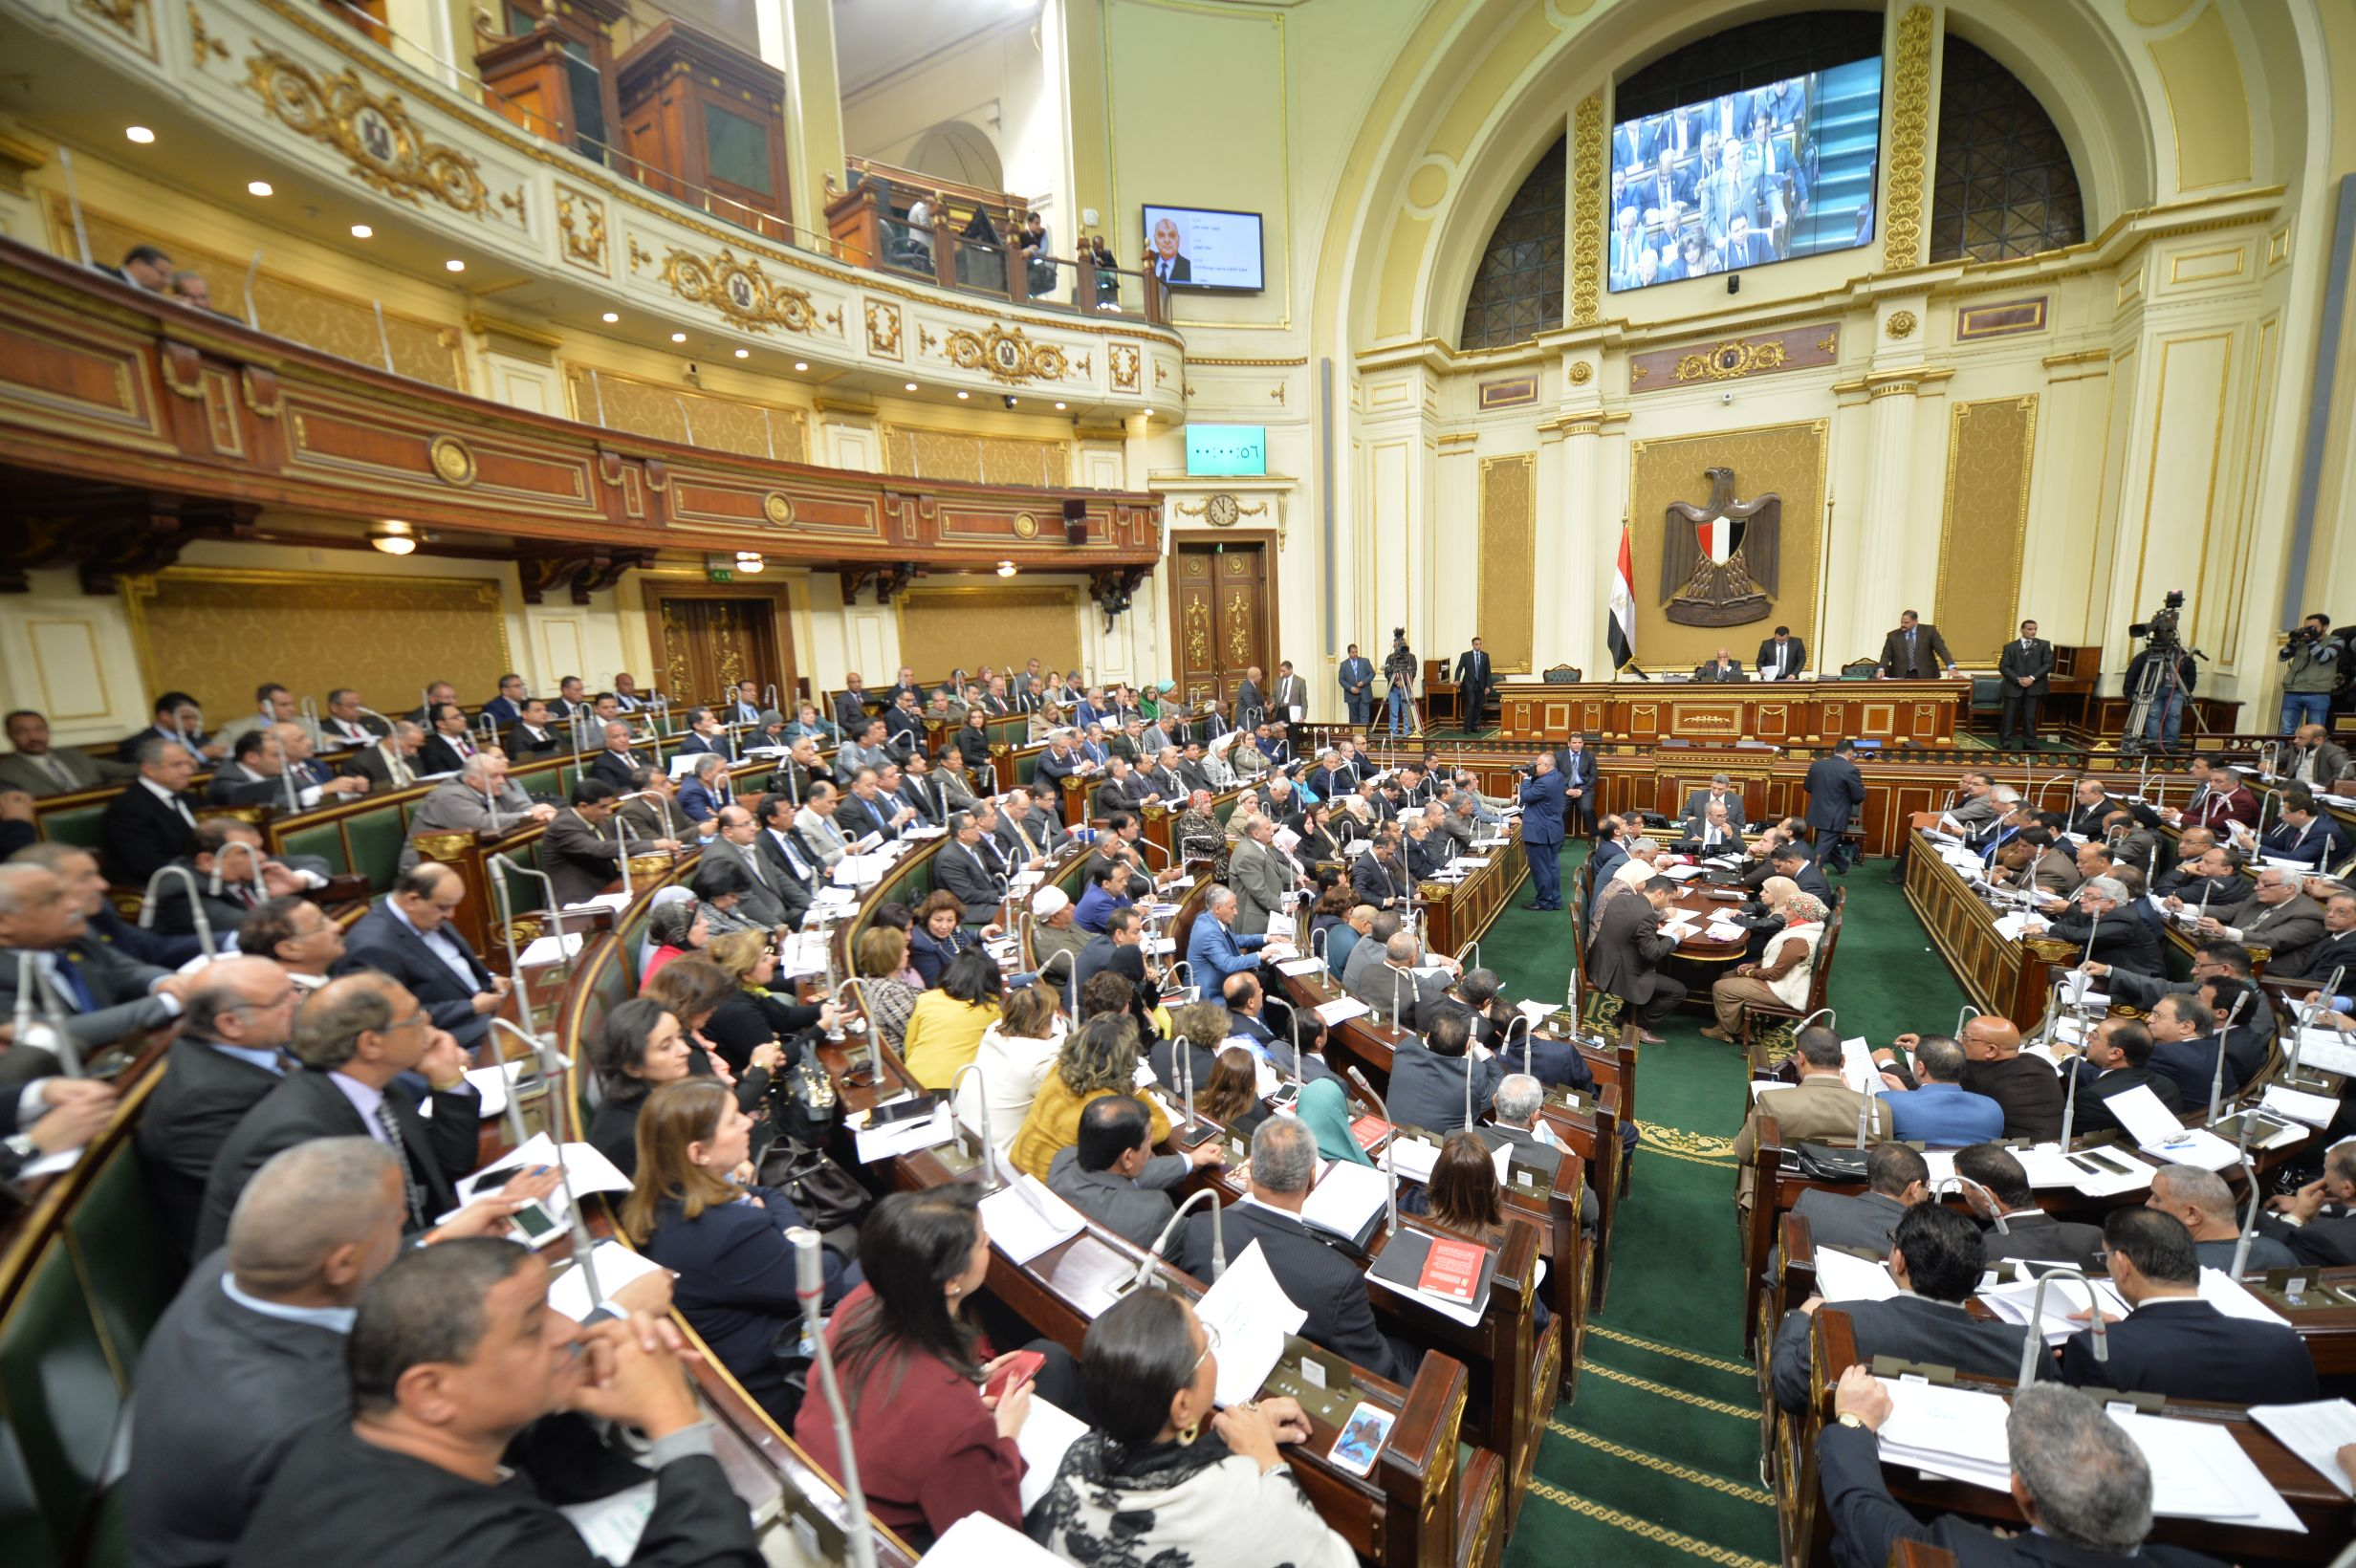 البرلمان يطالب الحكومة بالاهتمام بالزراعة والصناعة لتحقيق موازنة قوية